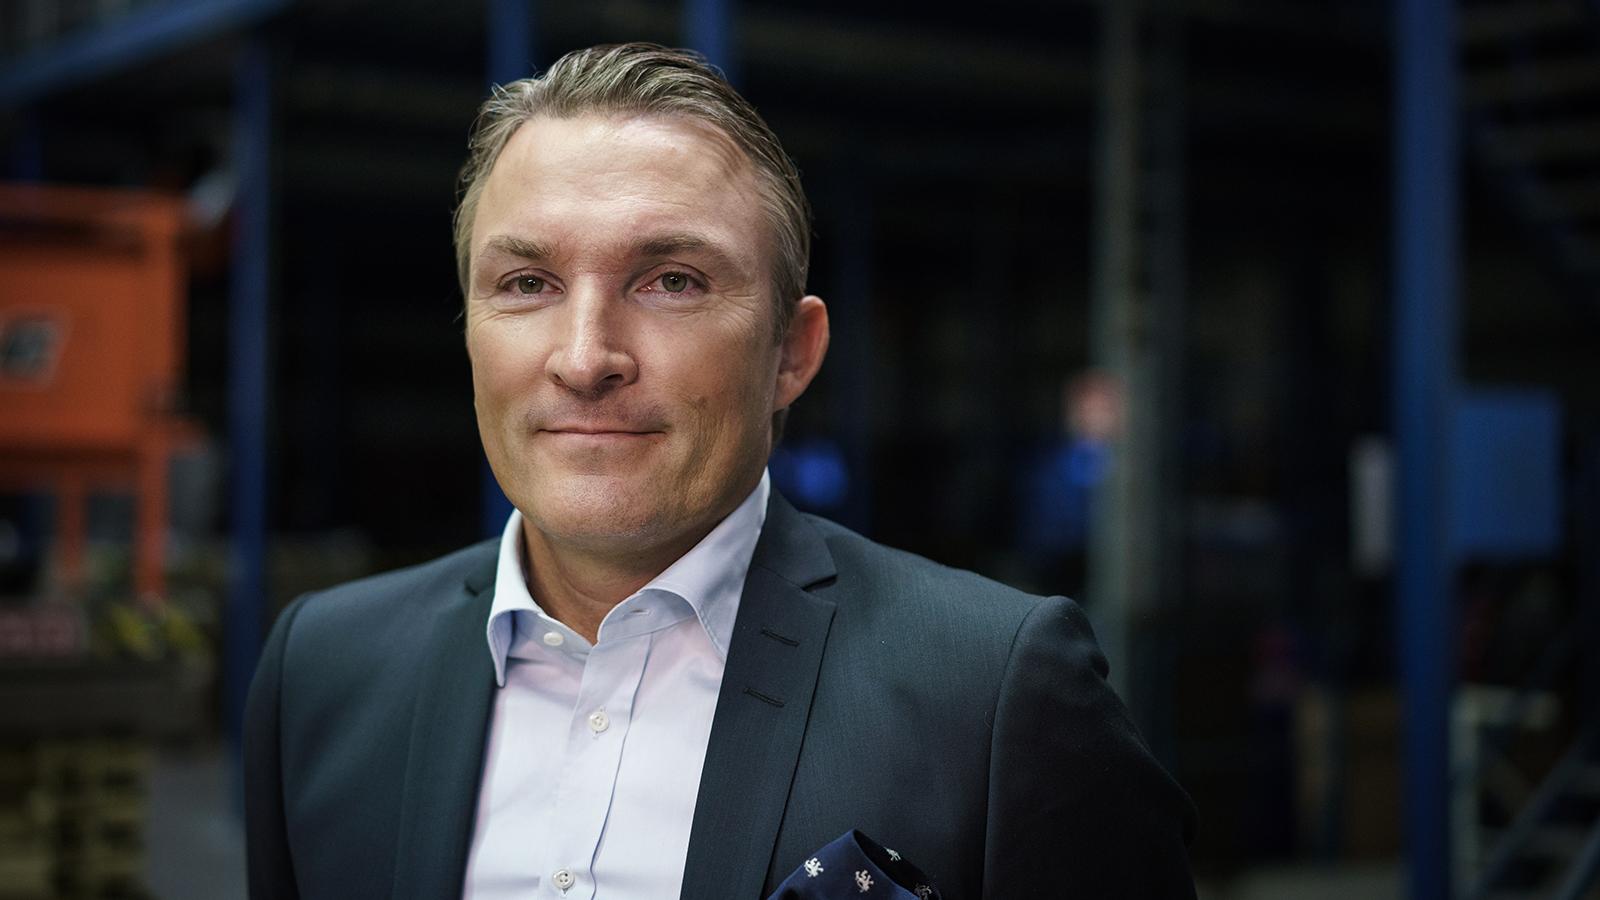 Leif Gustafsson, CEO Cramo Group